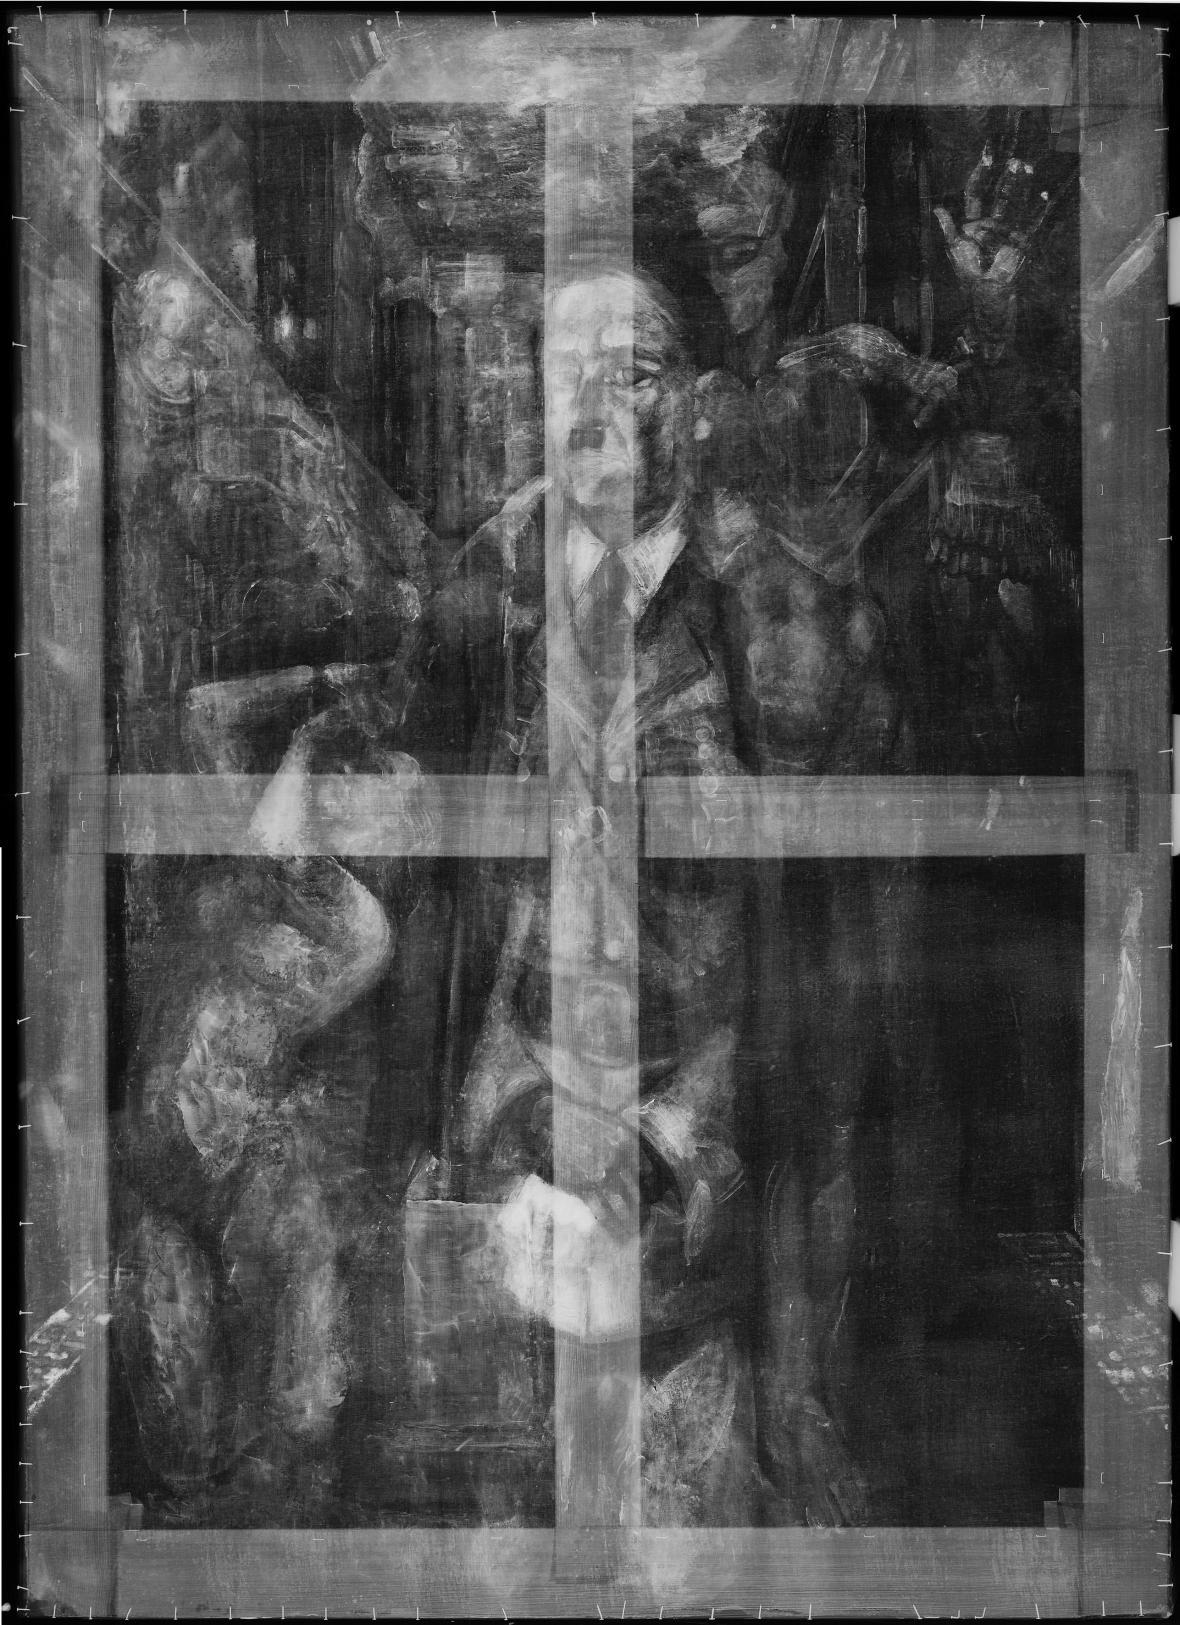 Rentgenový snímek obrazu Erwina Hahse Velké rekviem, 1944-45